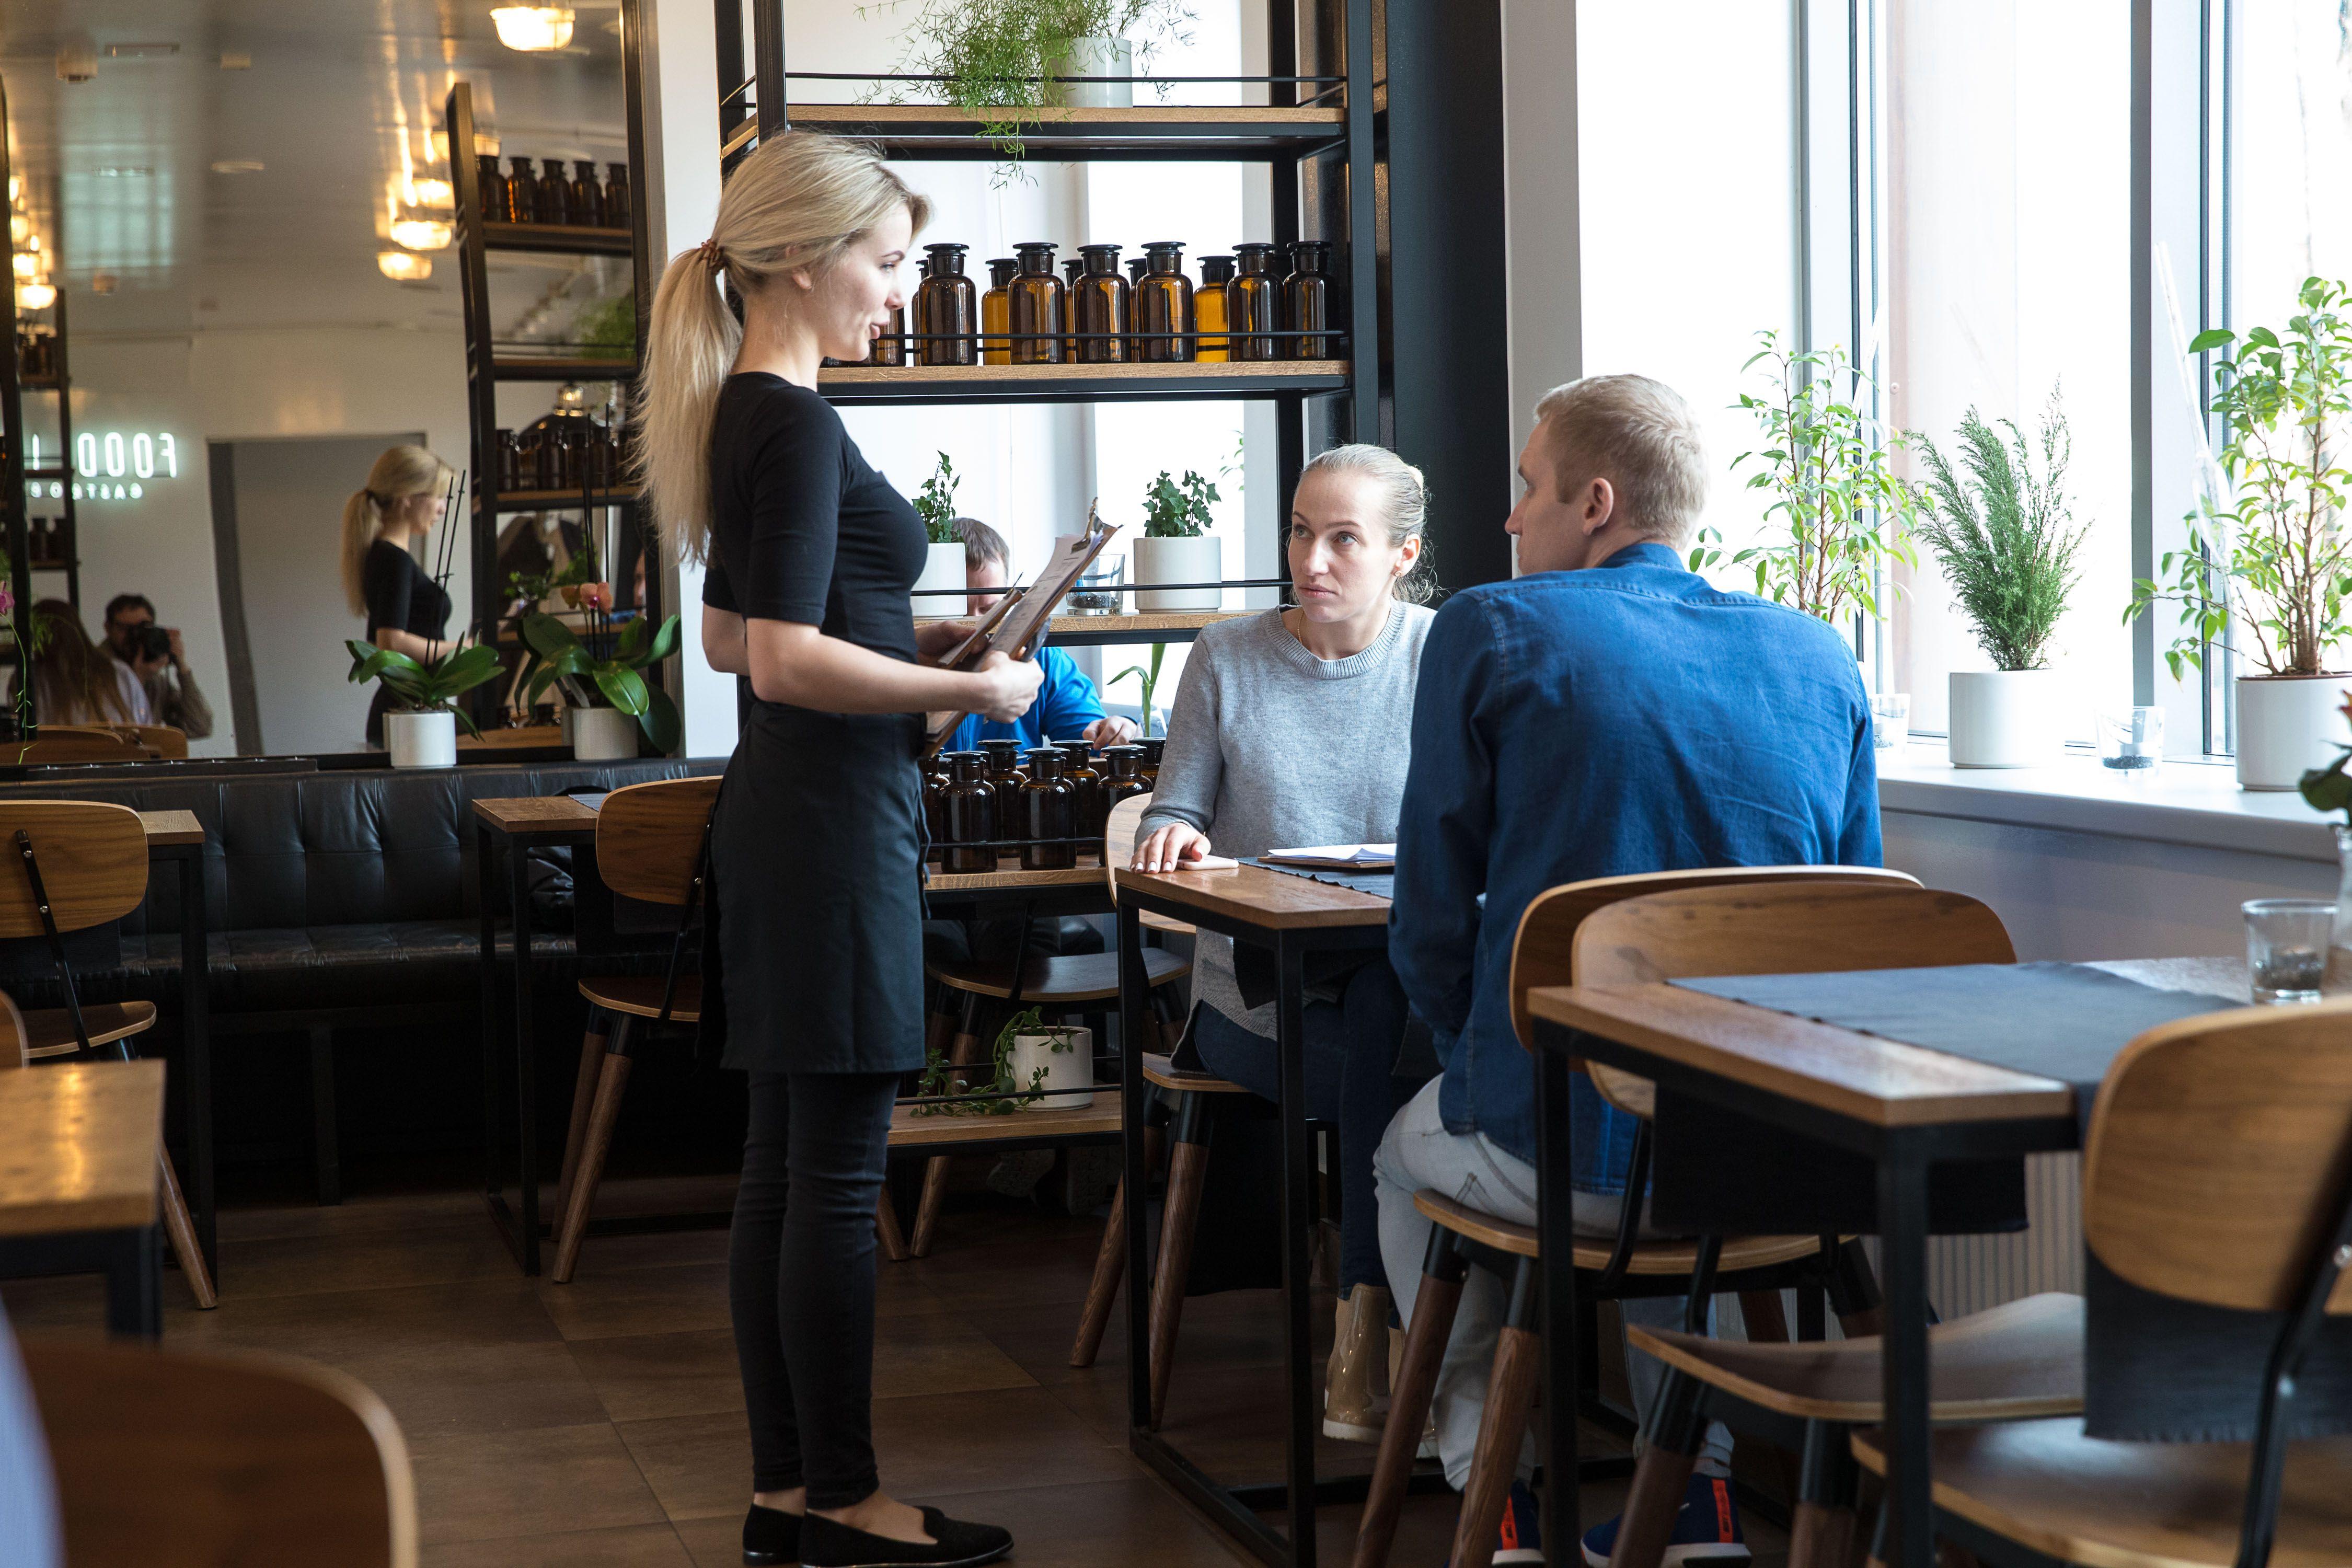 Kaip verslininkai pratina uteniškius valgyti mieste